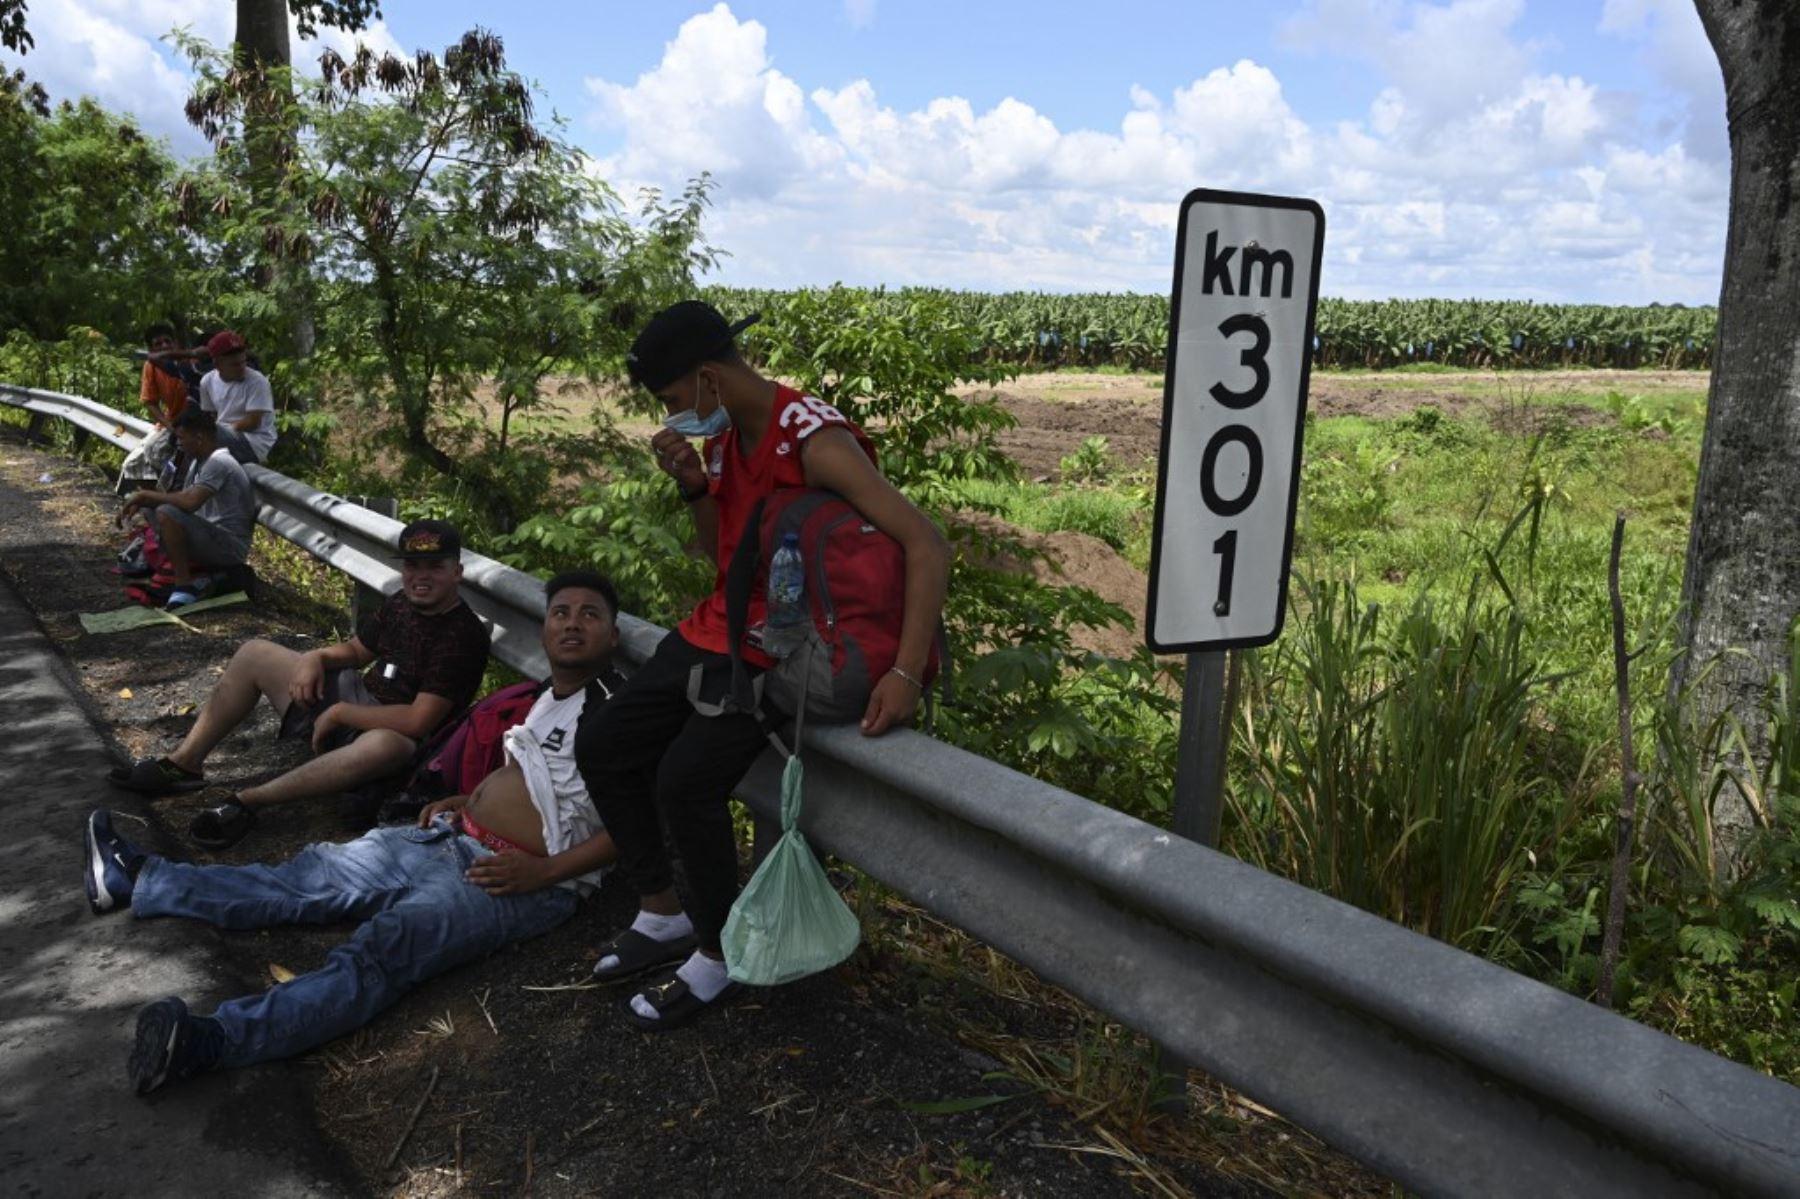 Migrantes hondureños, parte de una caravana rumbo a Estados Unidos, descansan en Entre Ríos, Guatemala, luego de cruzar la frontera desde Honduras. Foto: AFP